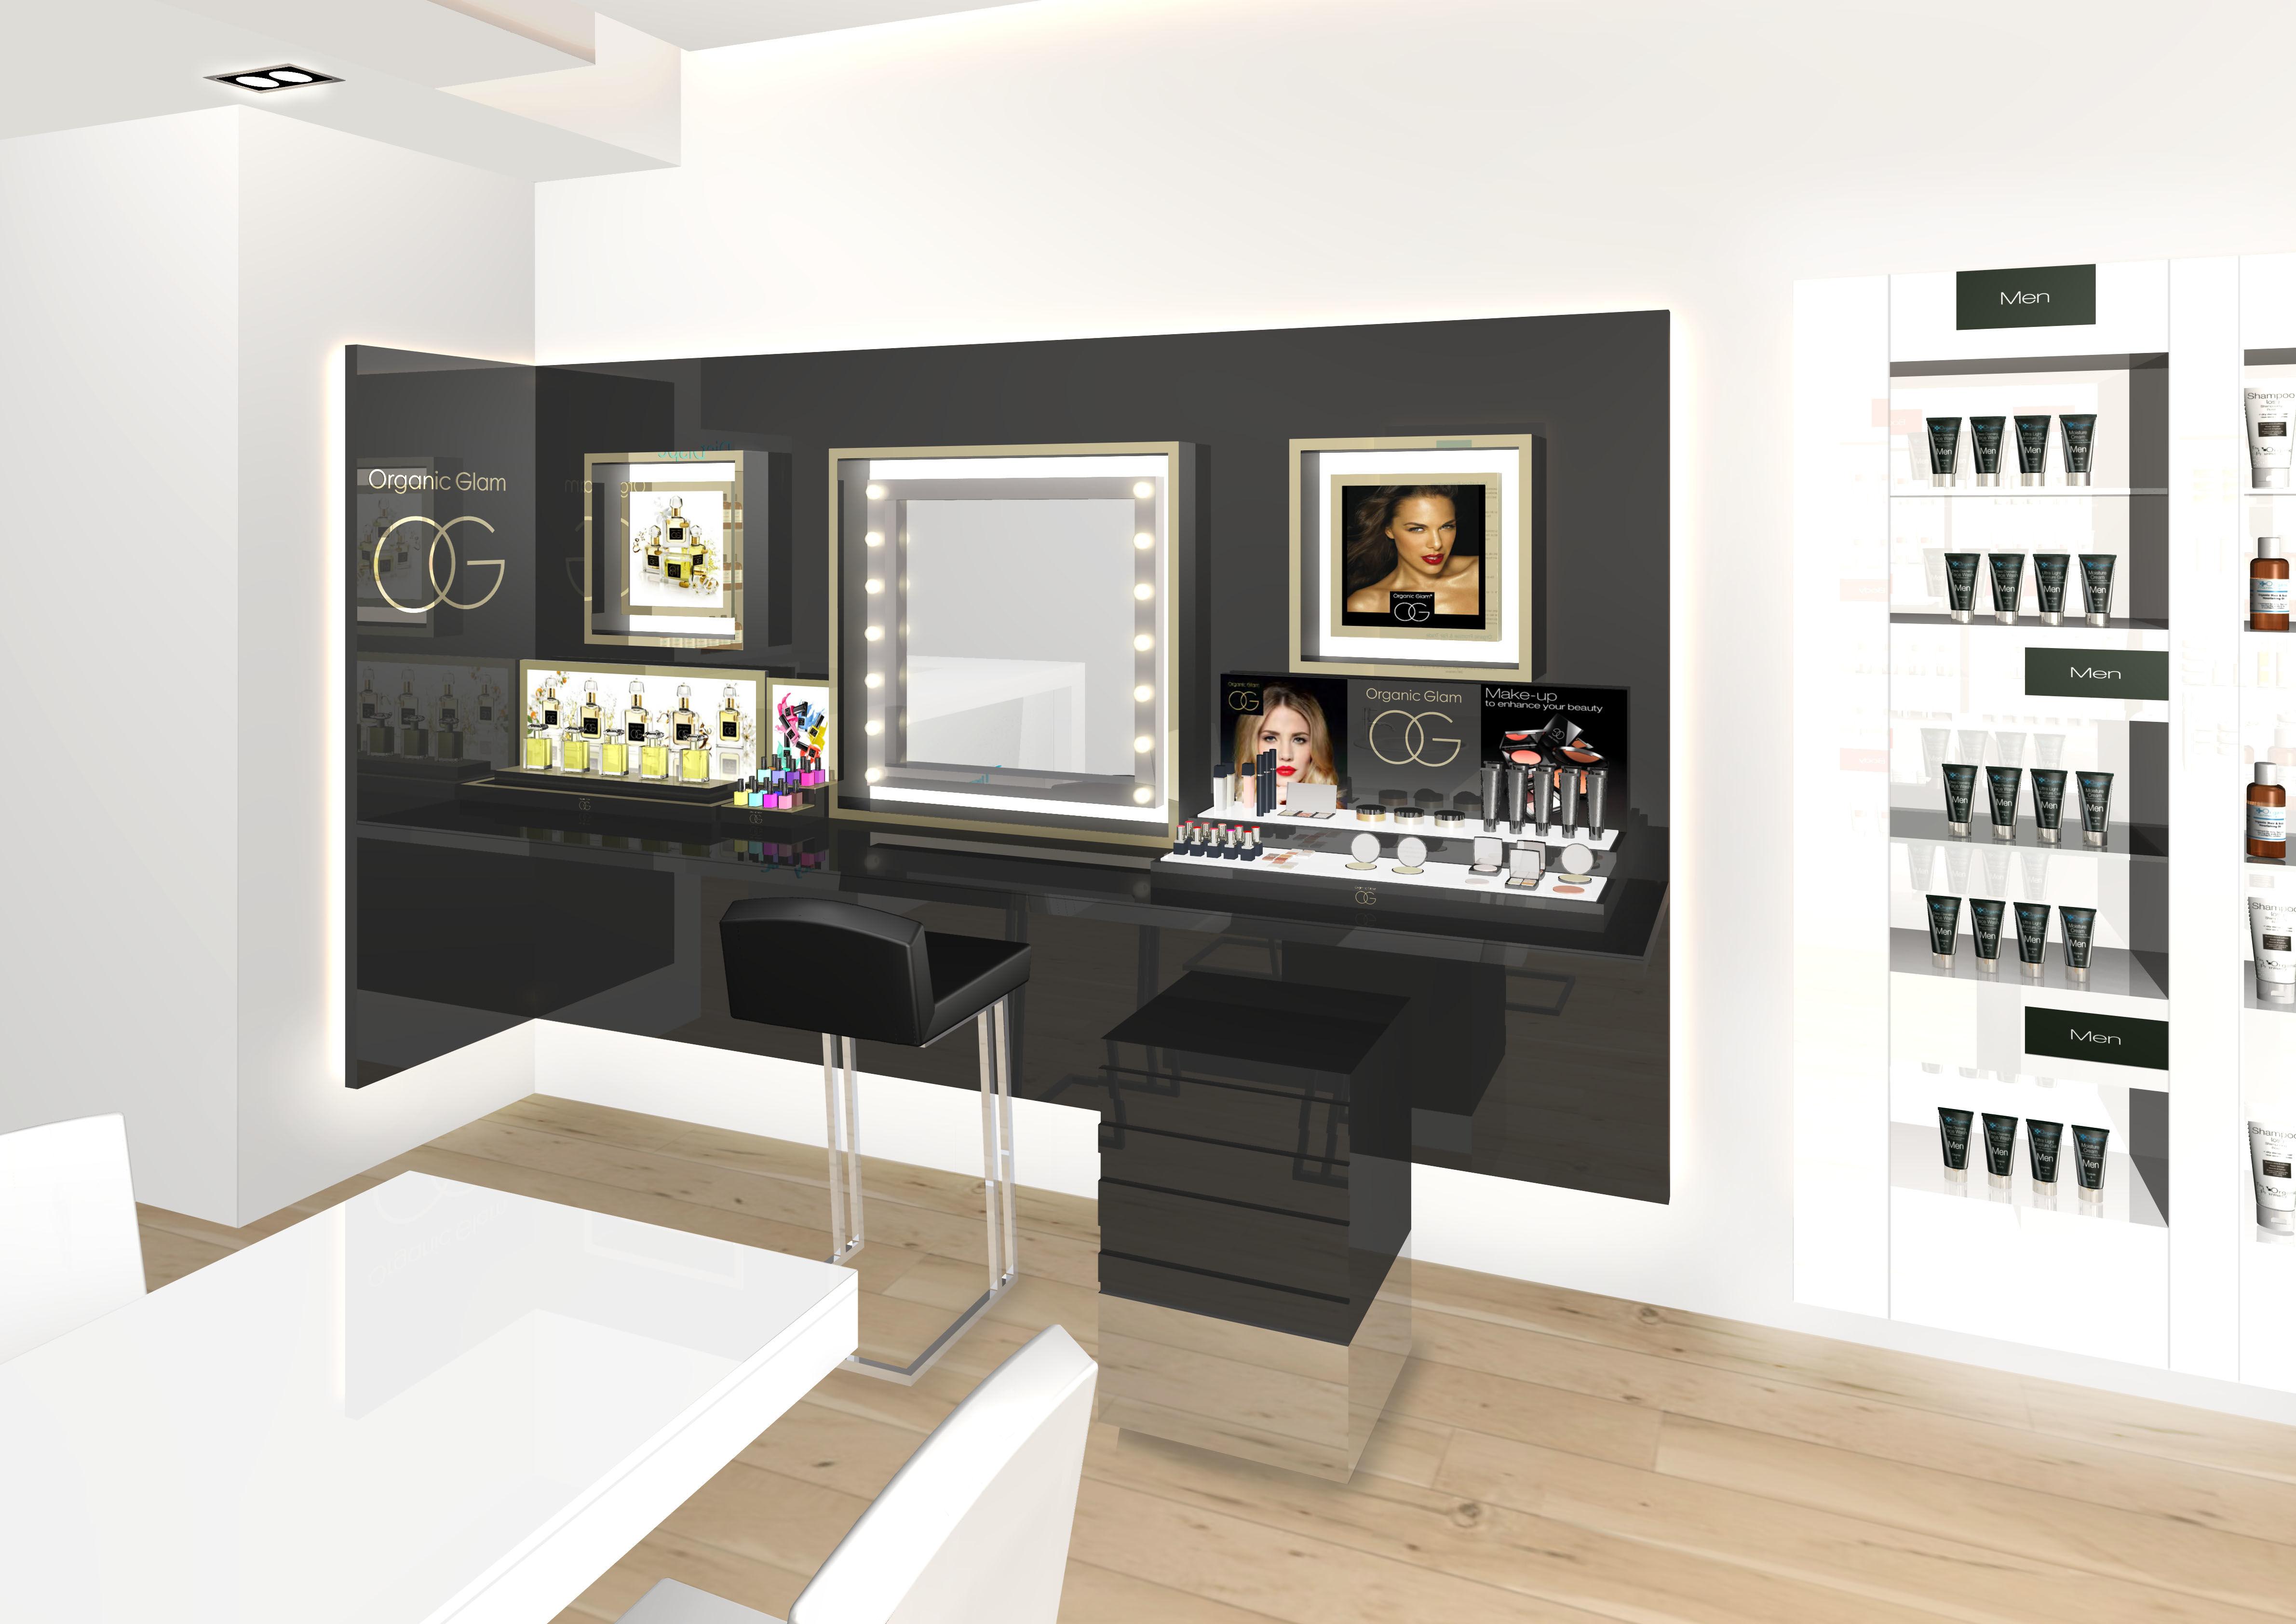 ロンドン発「オーガニックファーマシー」旗艦店が表参道ヒルズにオープン